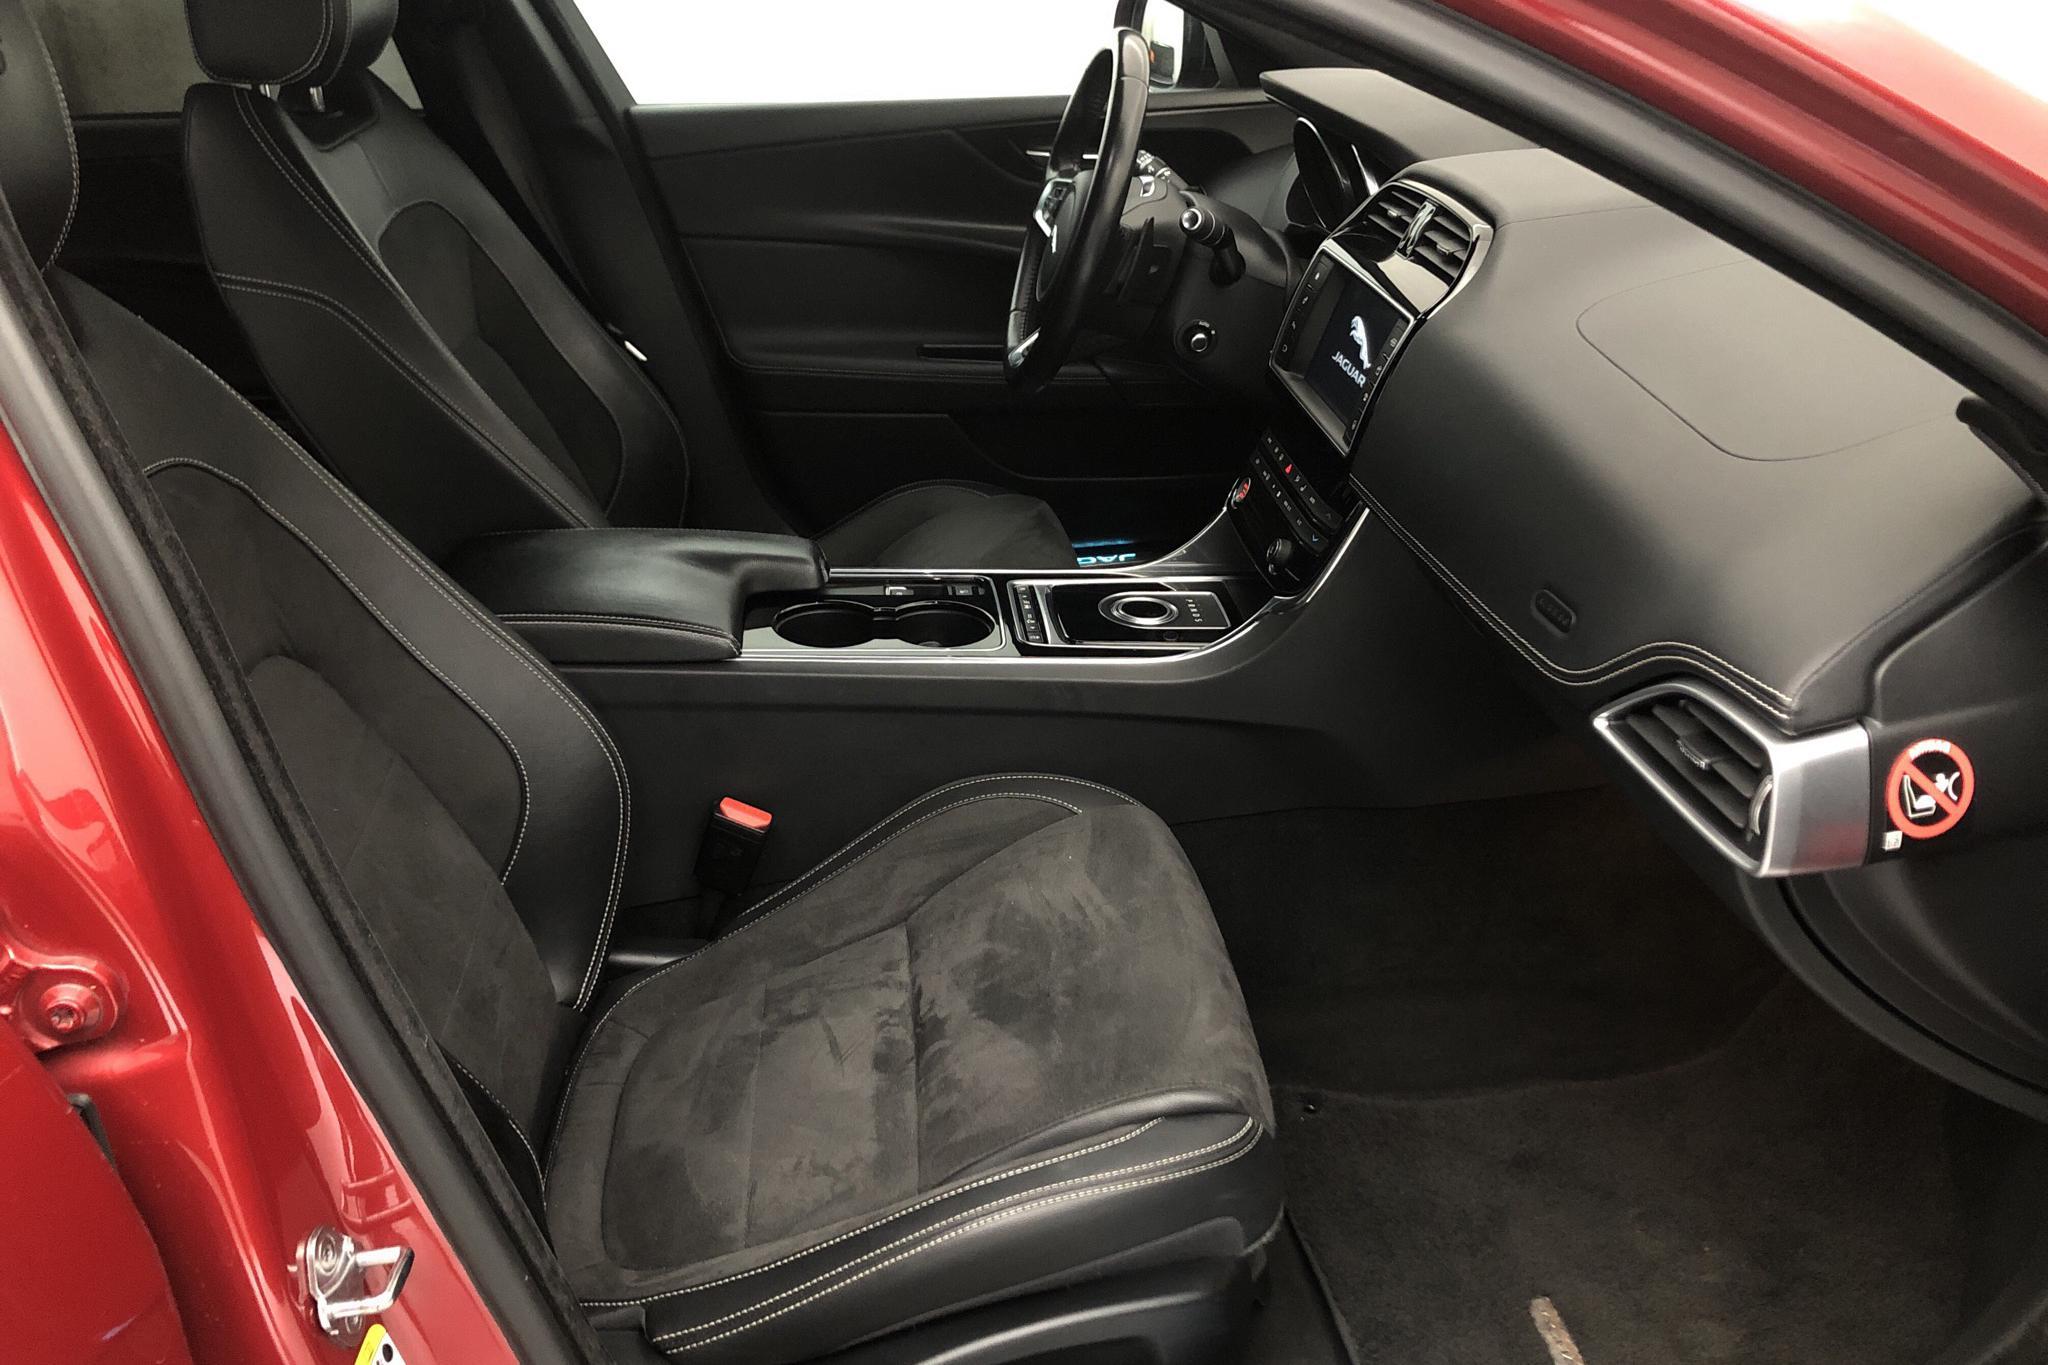 Jaguar XE S (340hk) - 8 278 mil - Automat - röd - 2016